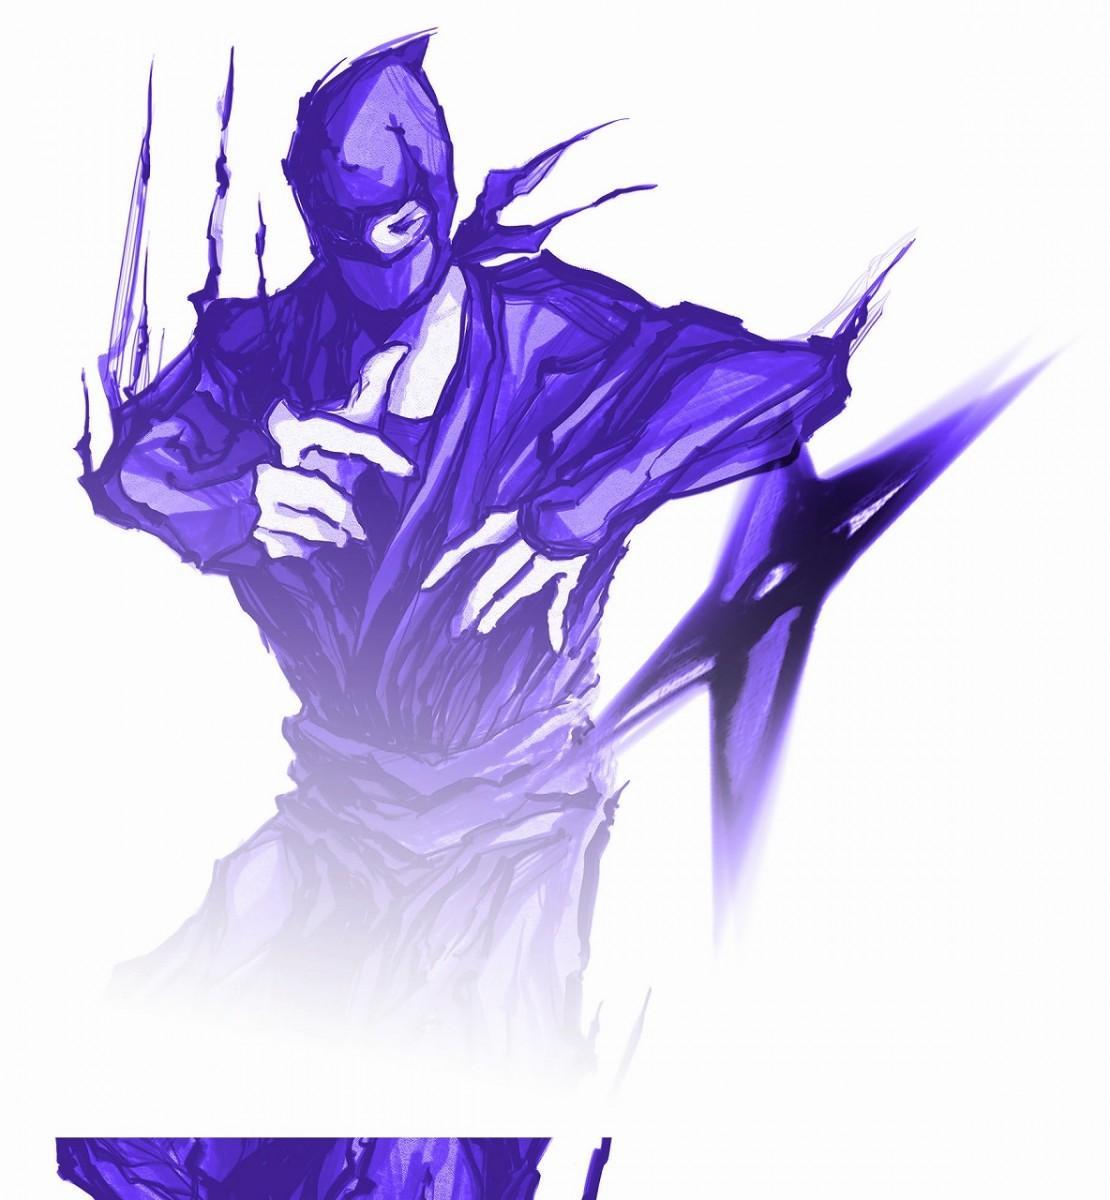 小田原北条氏を陰で支えたと風魔忍者の魅力発信を目的に開催する「忍者の日キャンペーン」